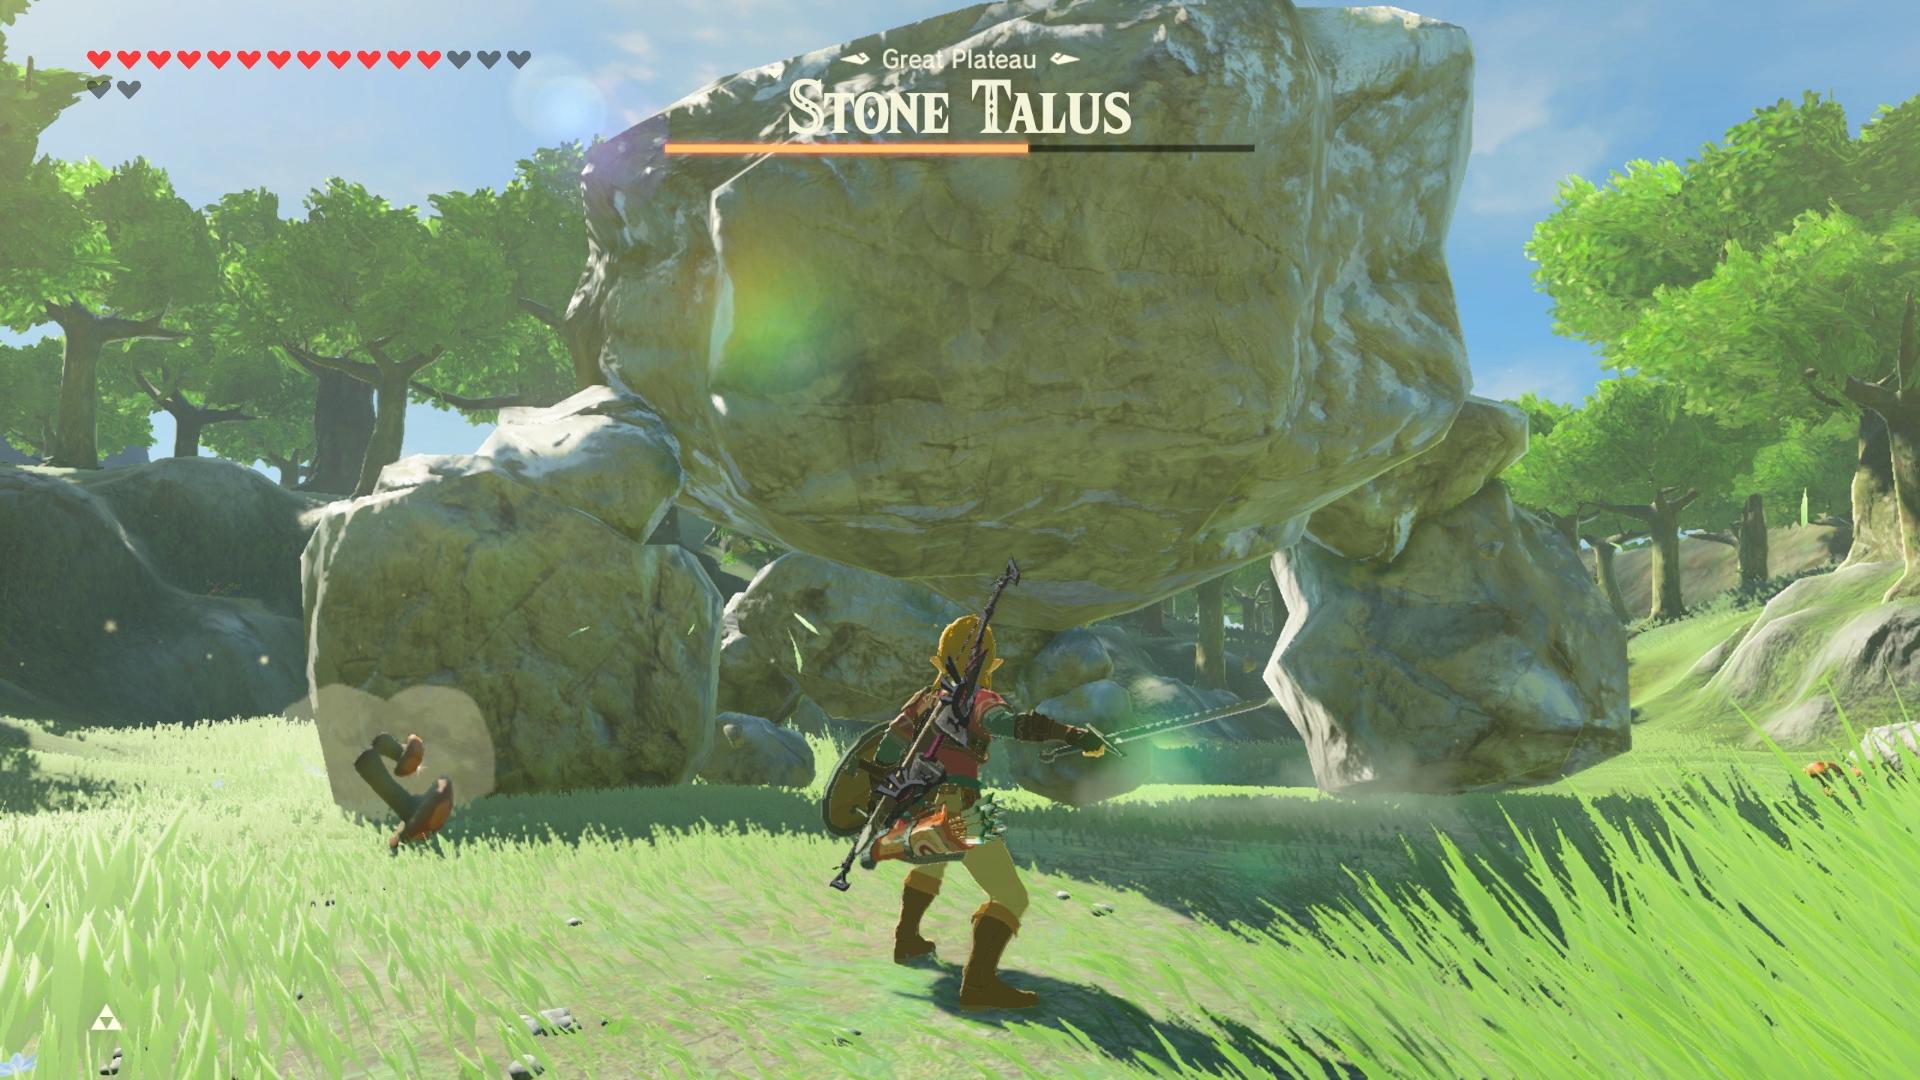 The Legend of Zelda: Breath of the Wild DLC Screen 2